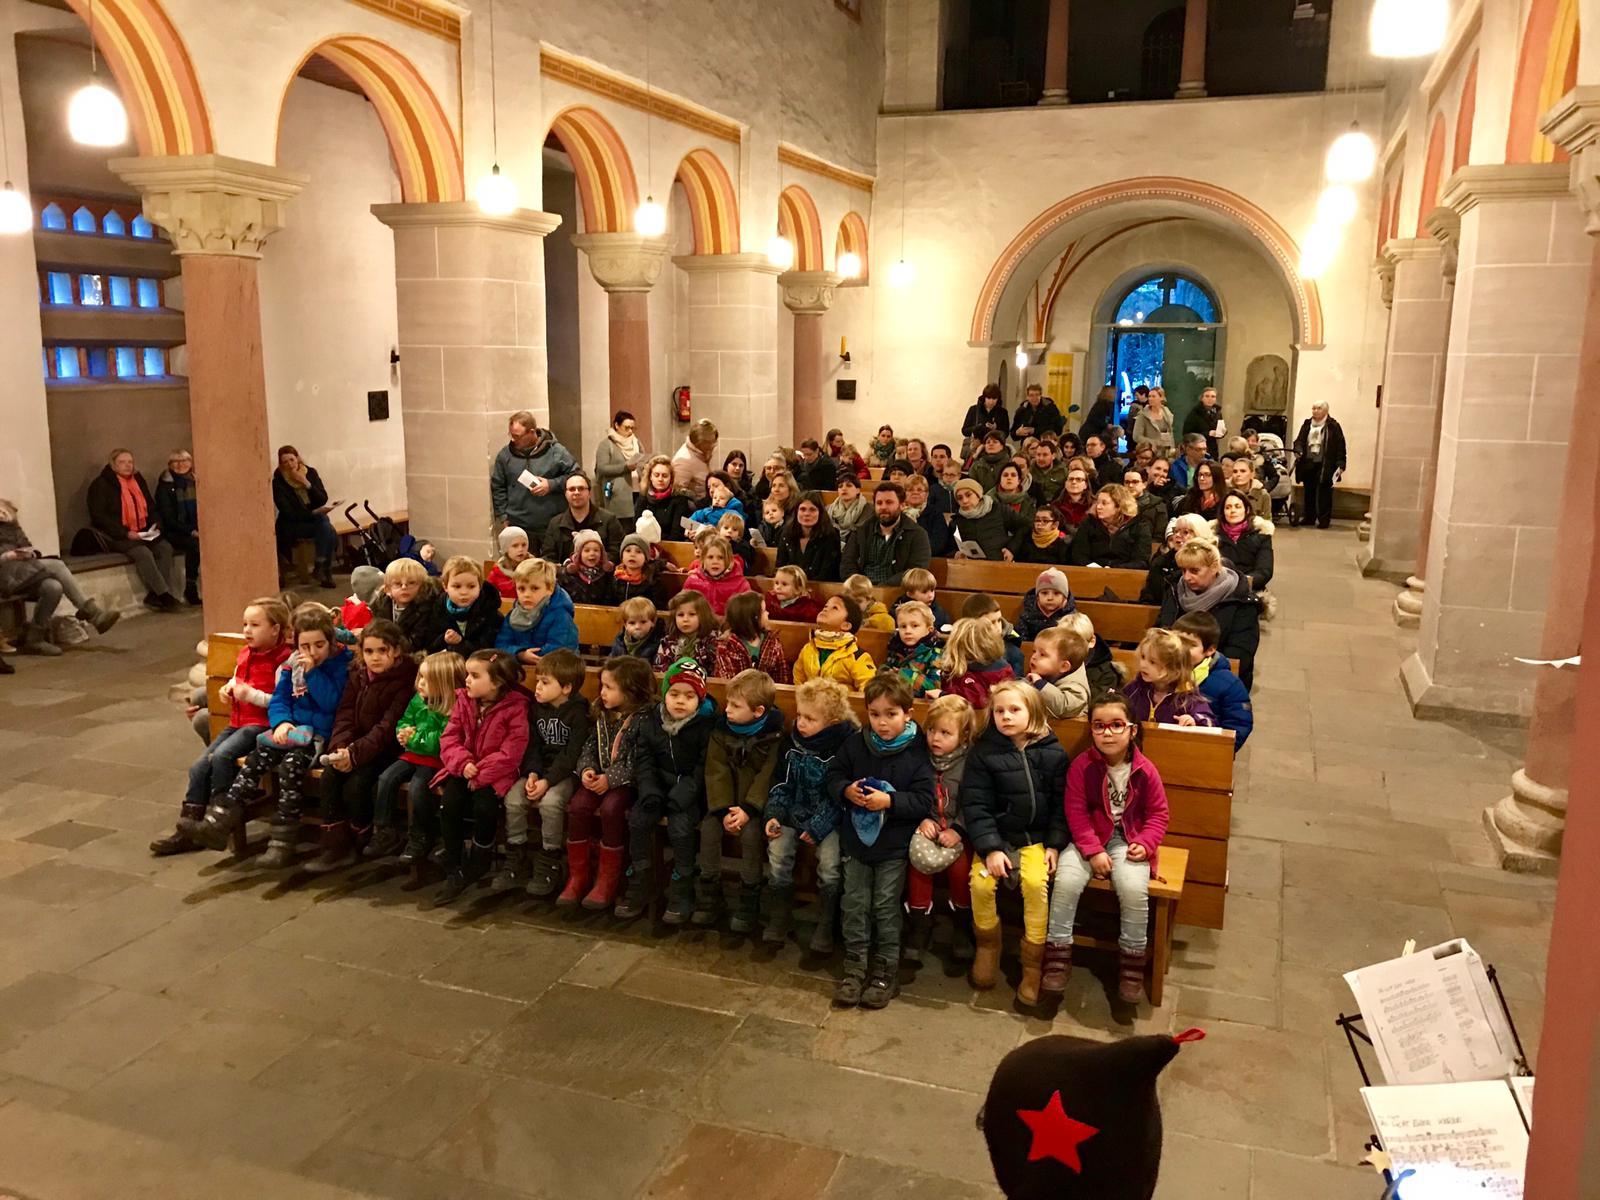 20181219_Luciuskirche_005